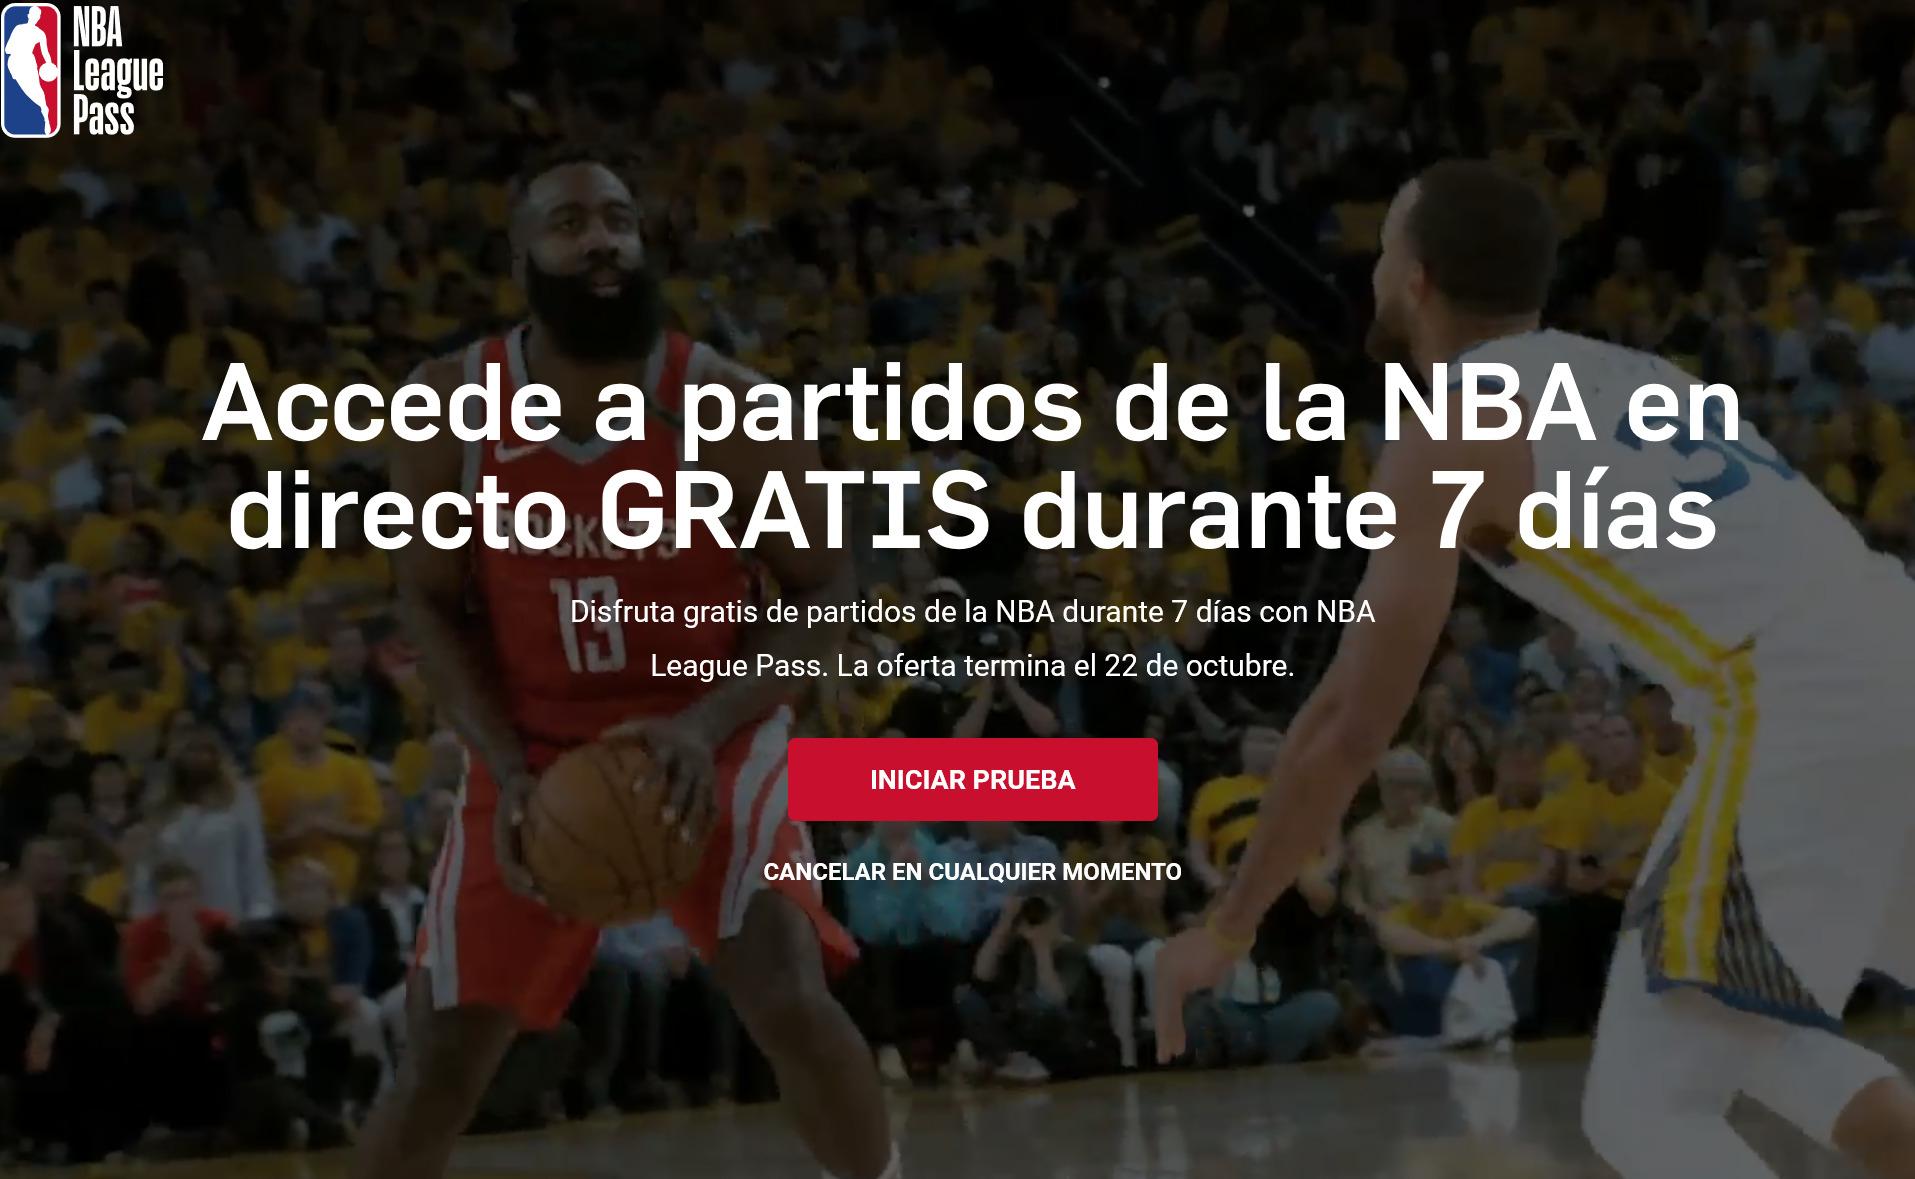 NBA: Acceso gratis a partidos de la NBA en directo durante 7 días.